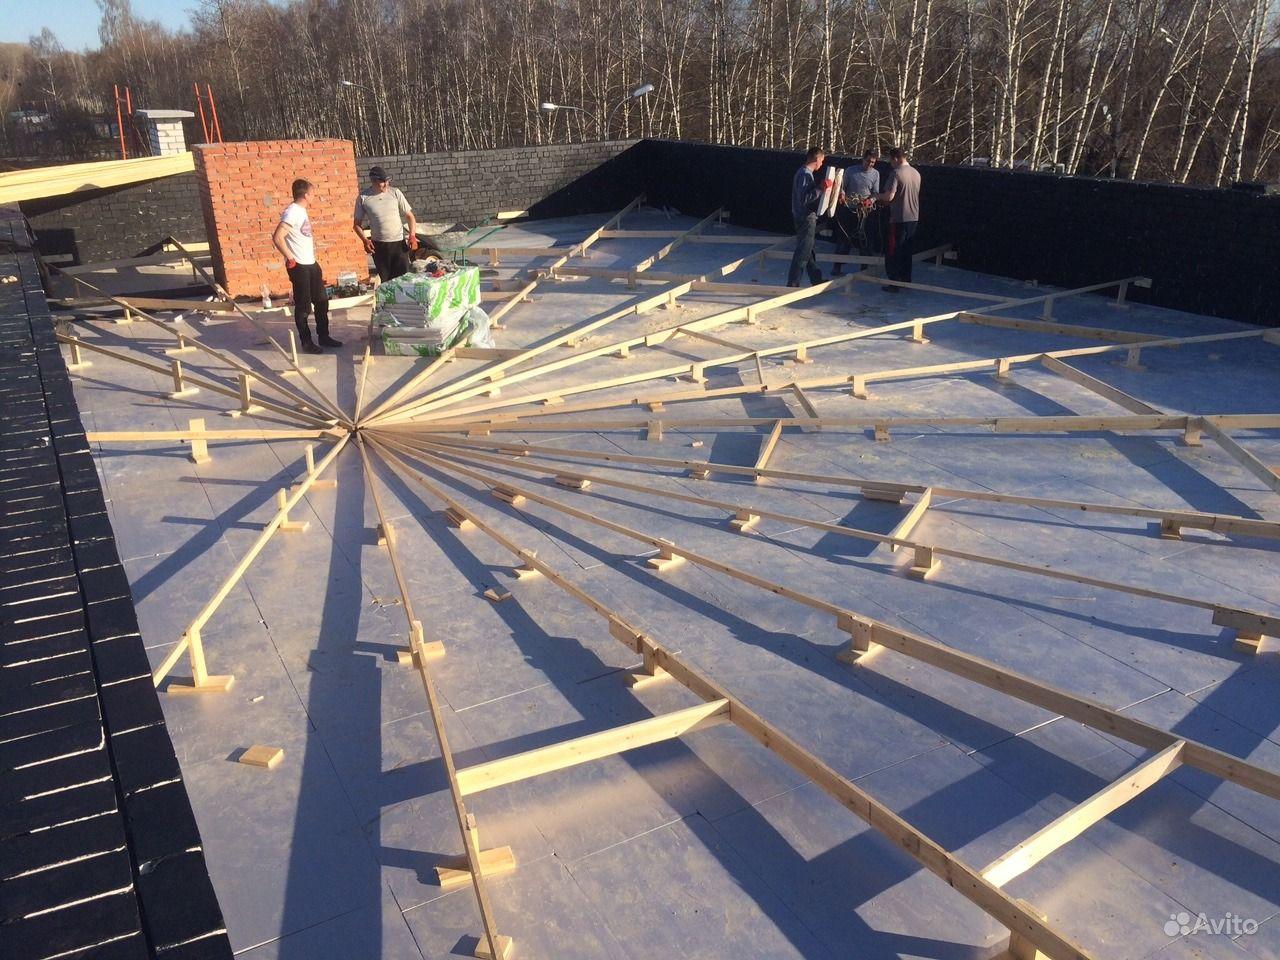 картинки перекрытия крыши суперагент, роковая красотка